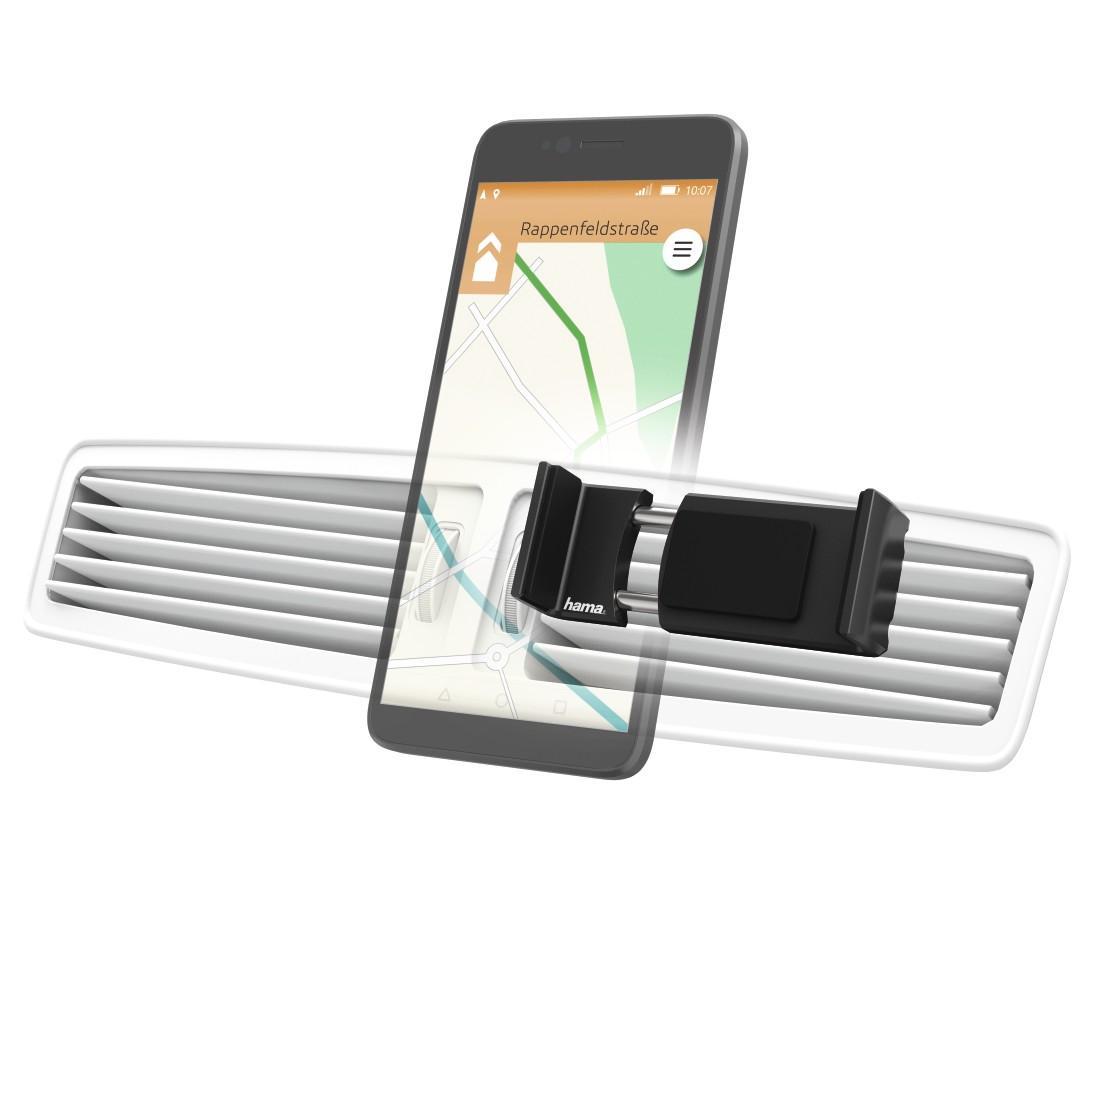 Автомобилна стойка за смартфон HAMA Flipper 178222, за устройства 6 - 8 см, Черен